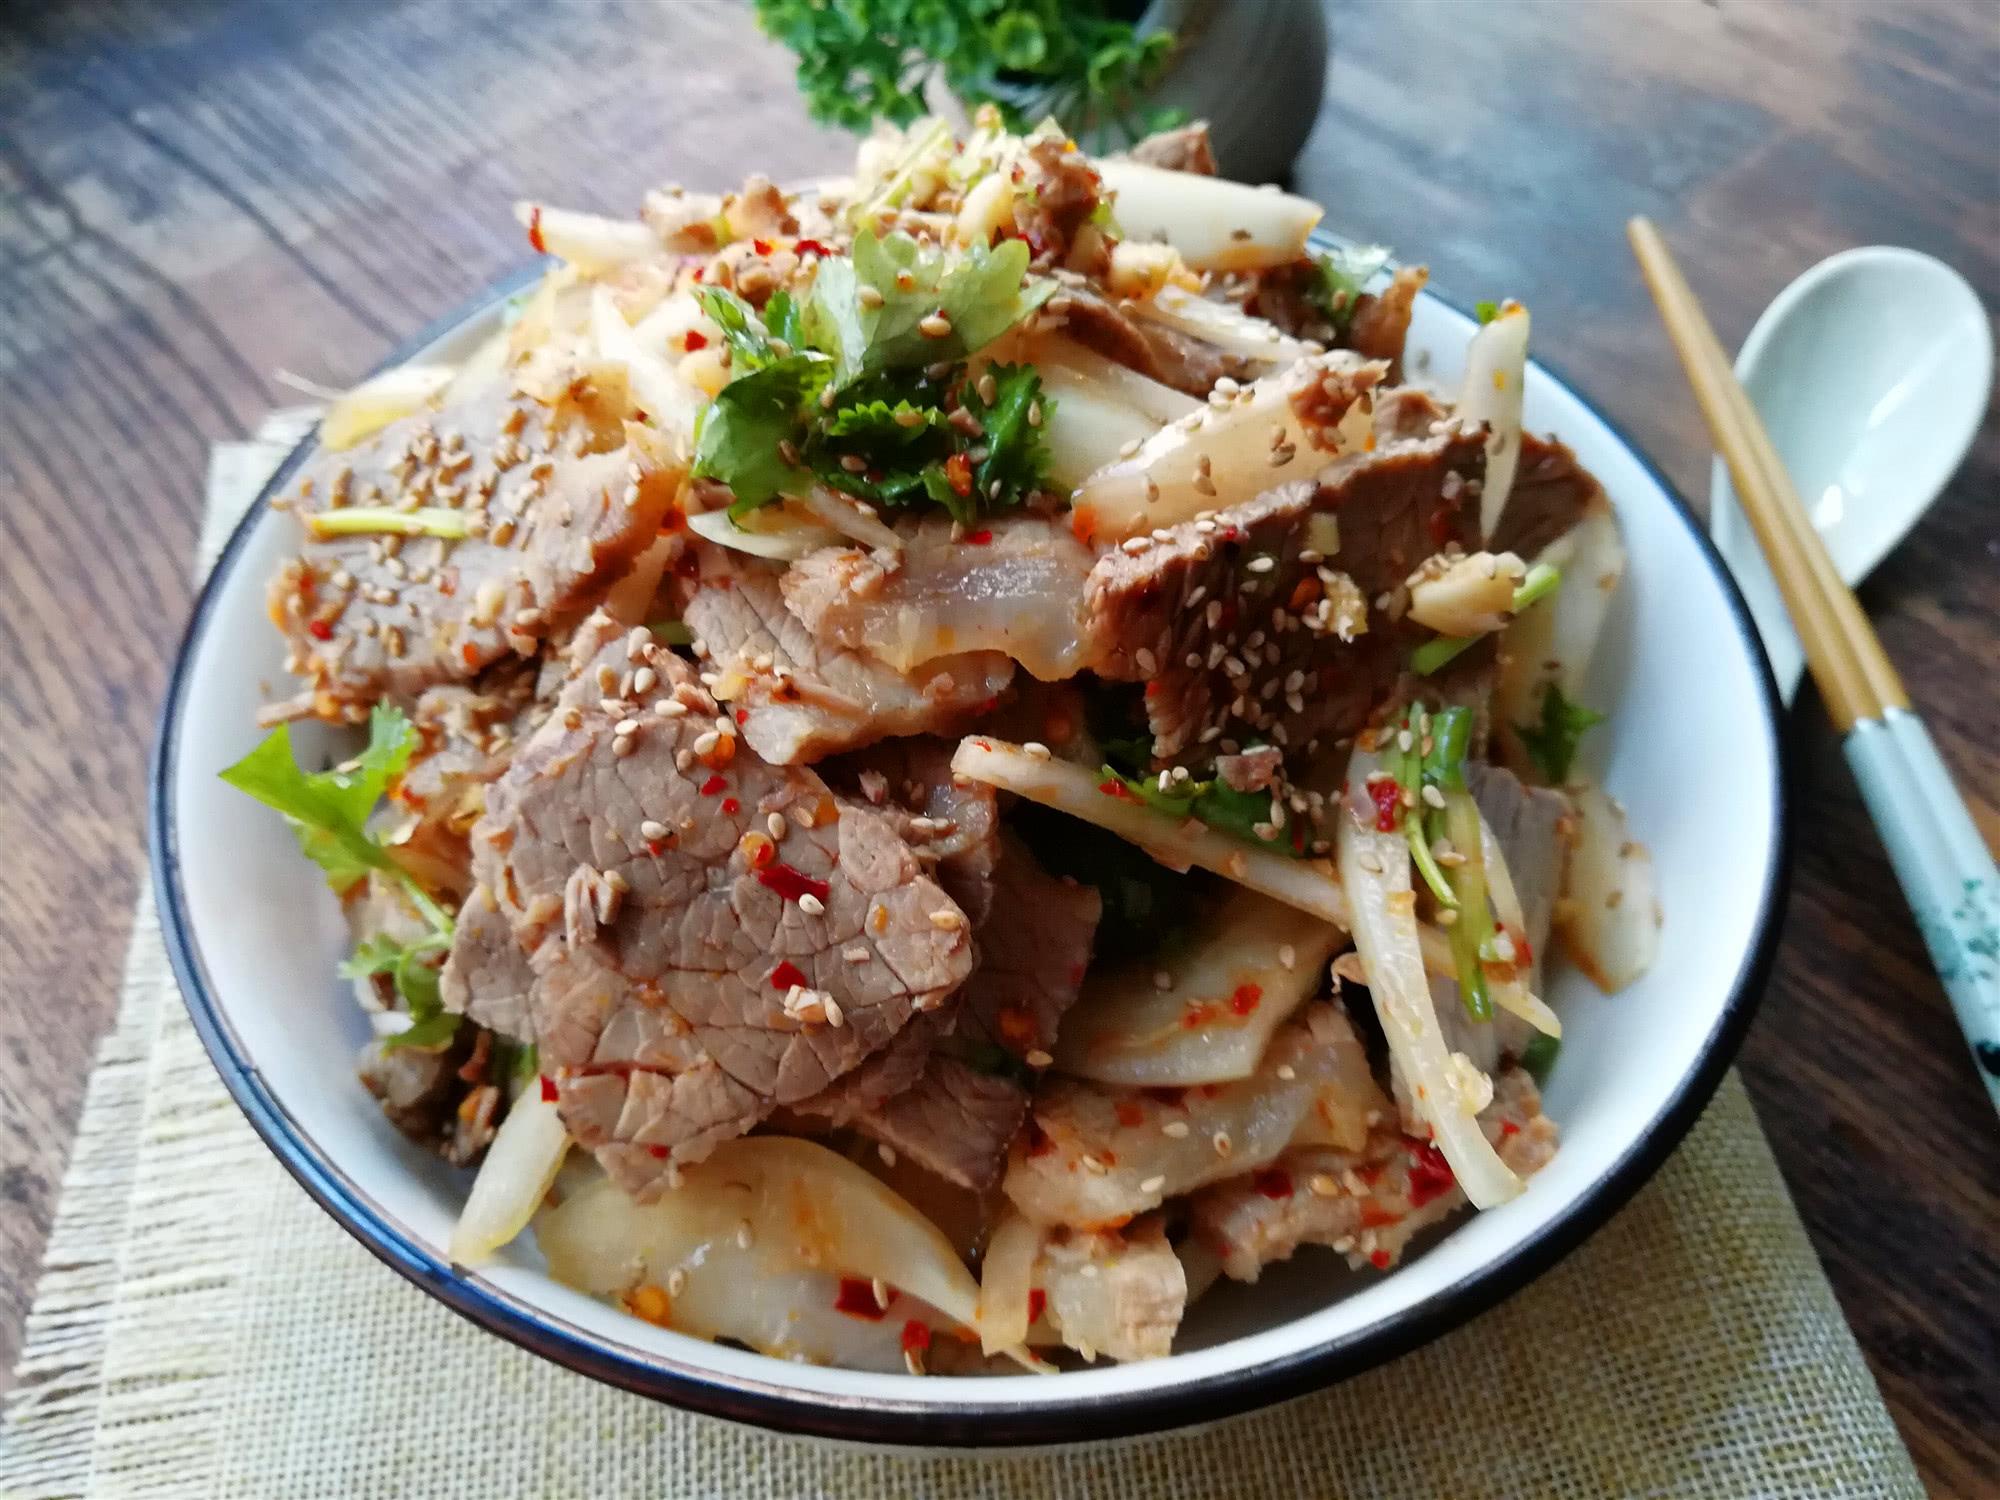 天热想吃肉,教你10道做法,清爽不腻,吃着过瘾,夏季宴客菜